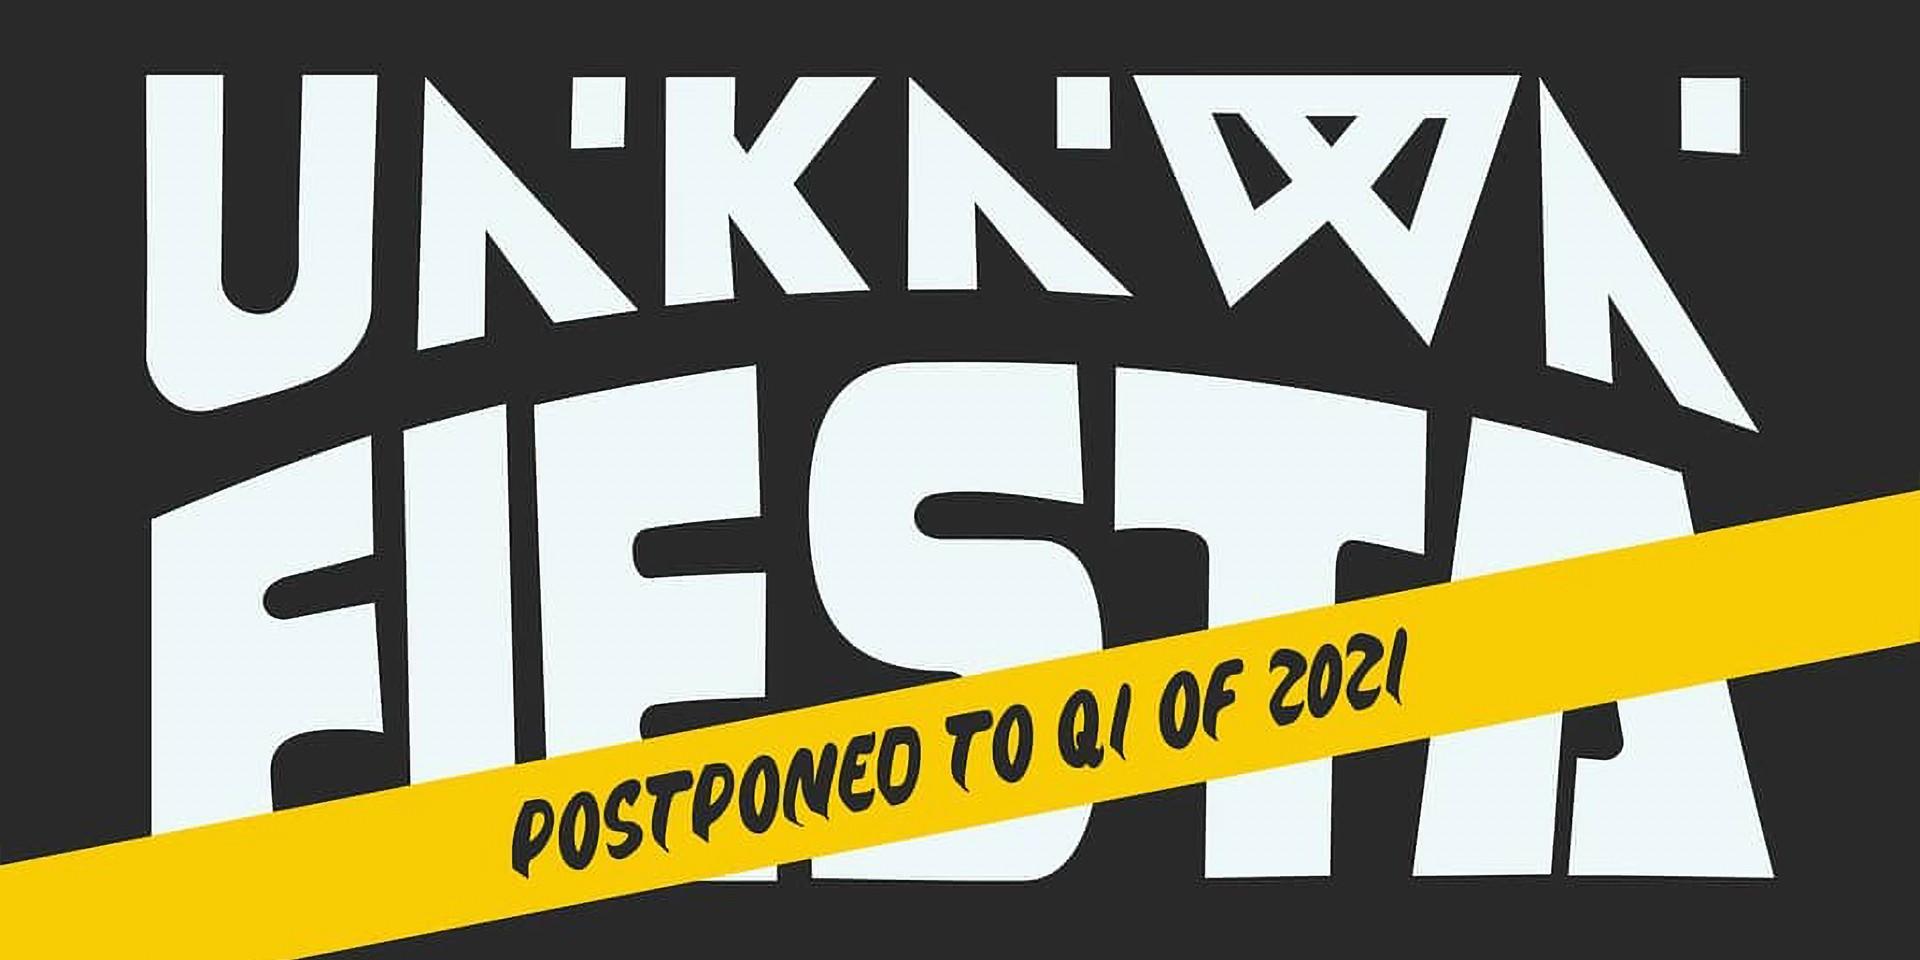 UNKNWN.Fiesta postponed to 2021